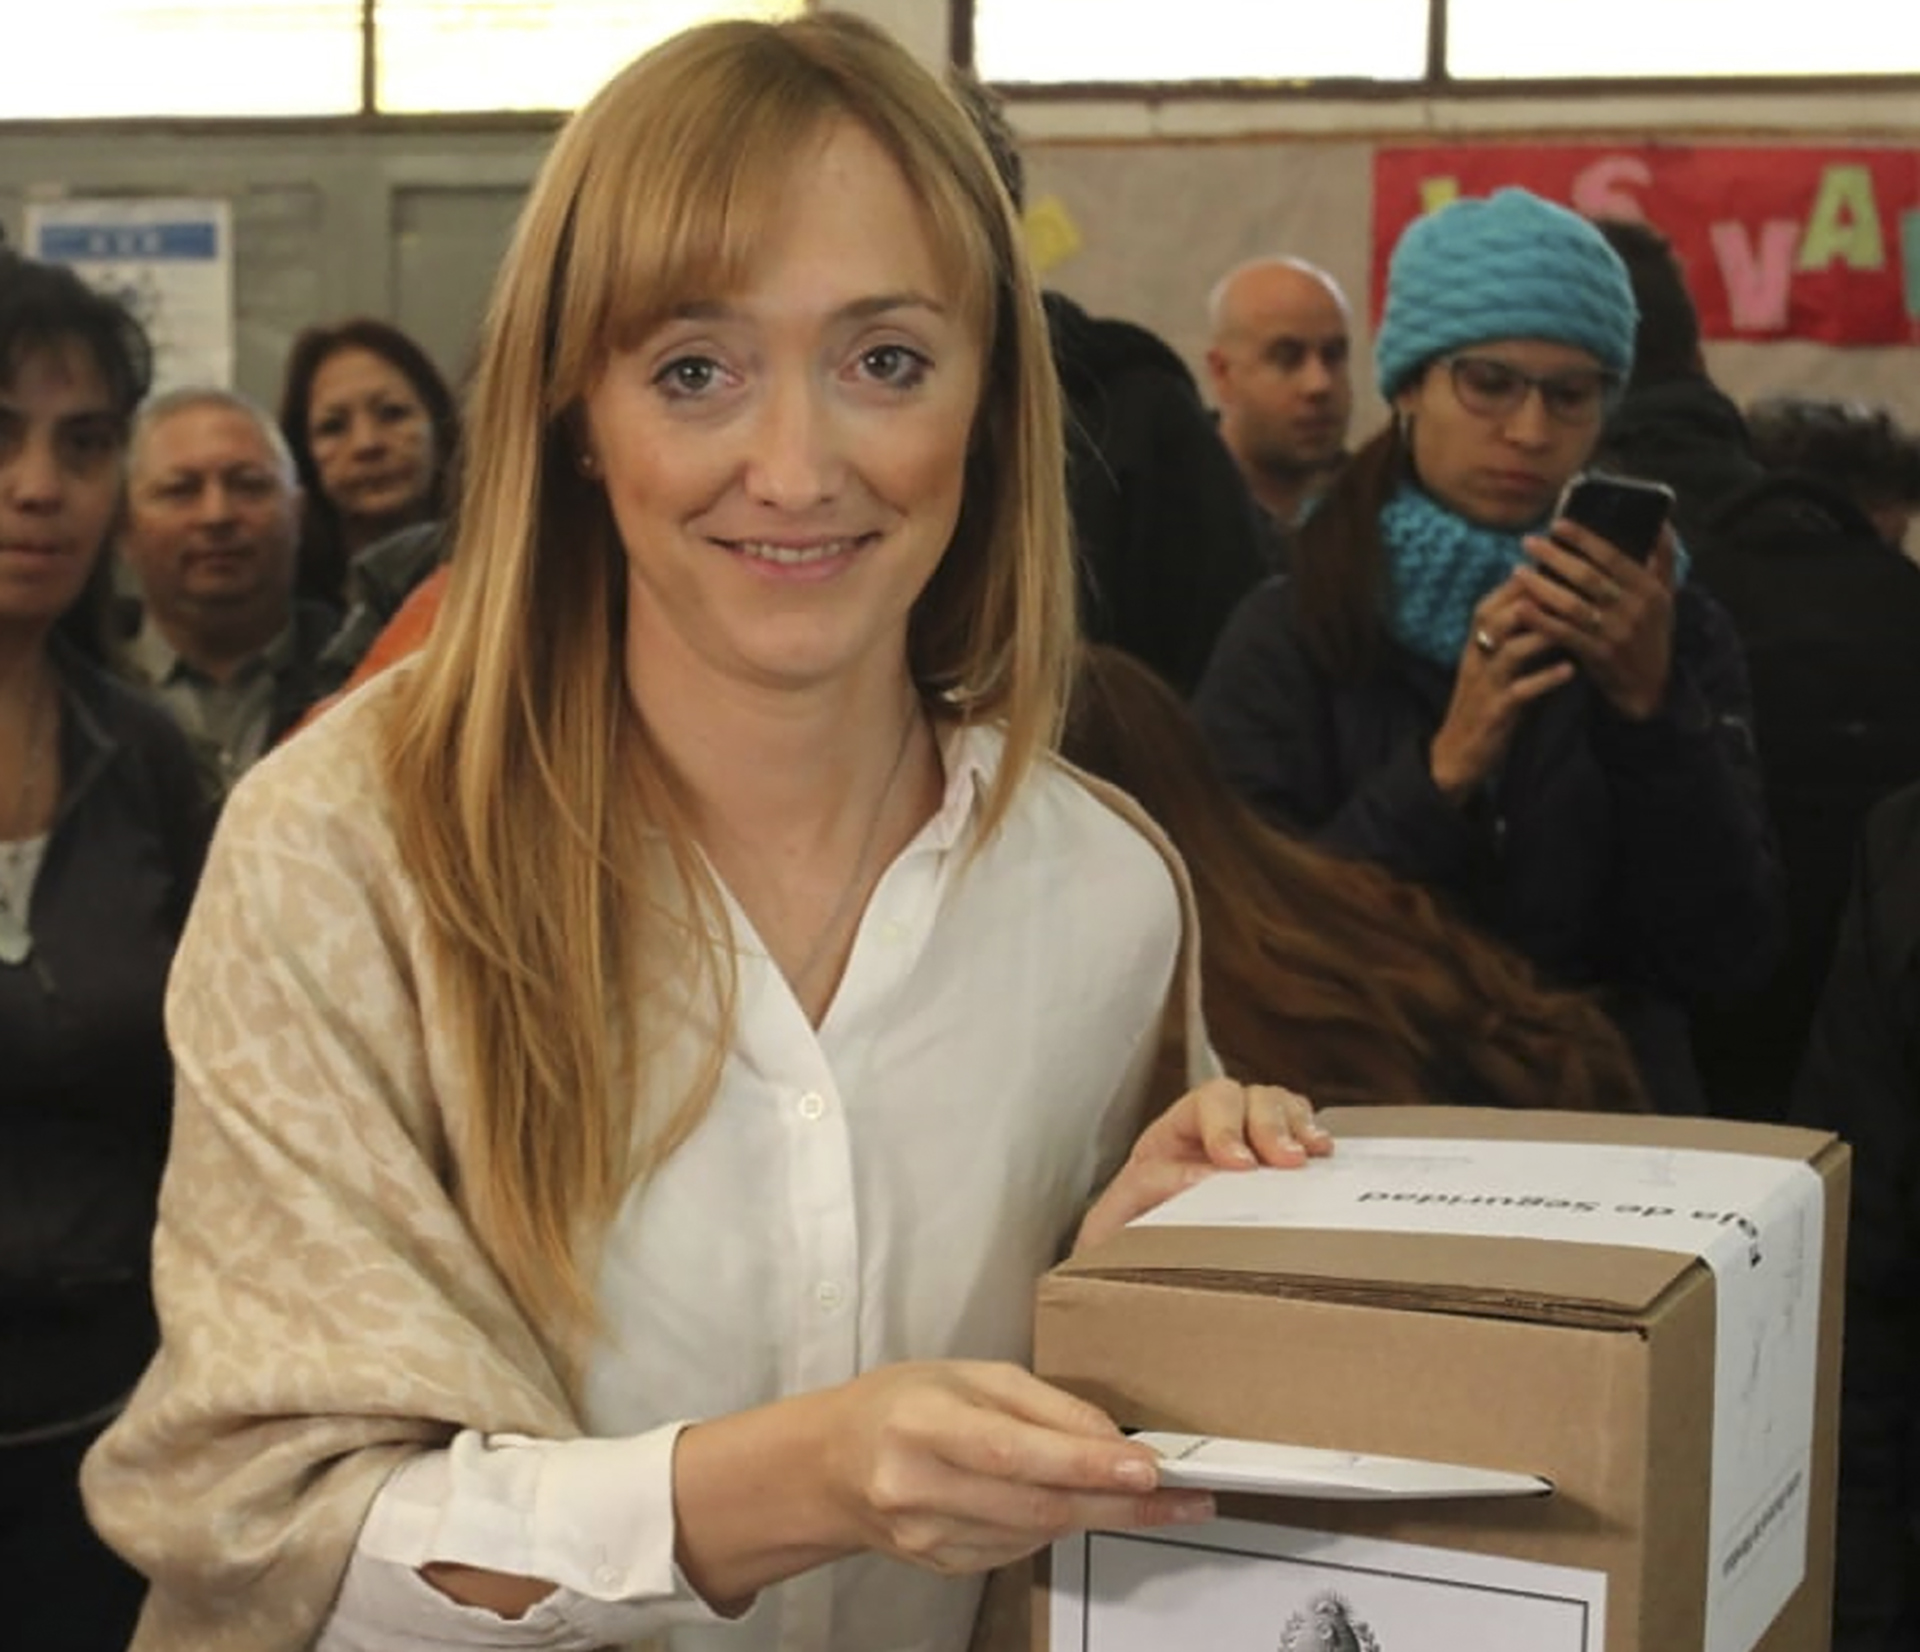 La precandidata a gobernadora por Unidad Ciudadana en Mendoza, Anabel Fernández Sagasti